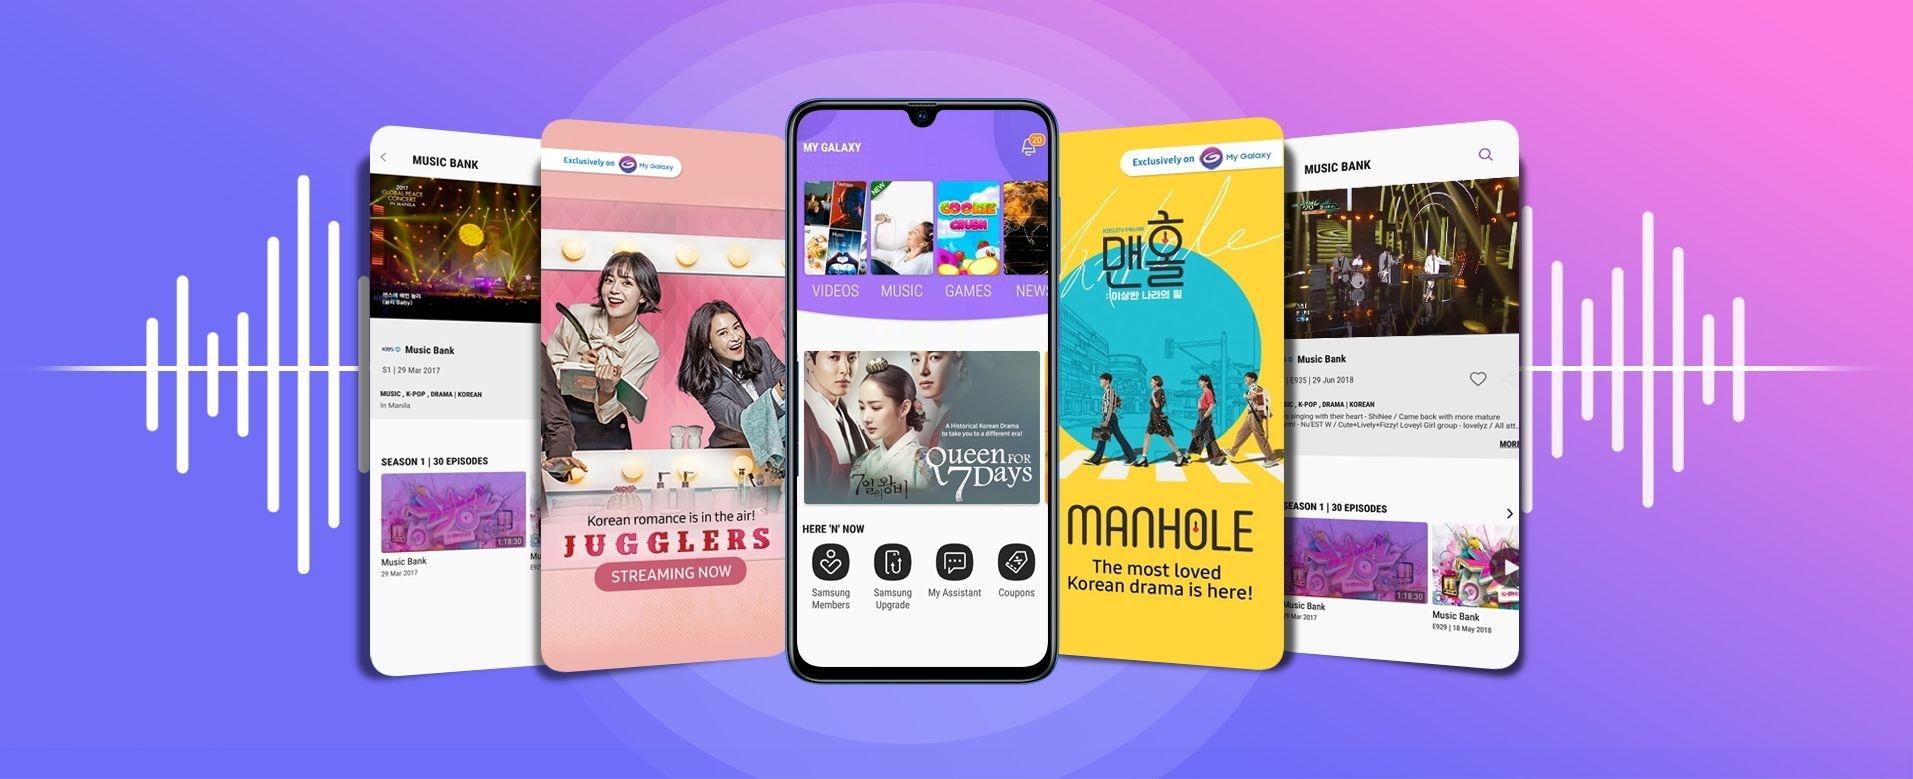 Galaxy A70 - My Galaxy App